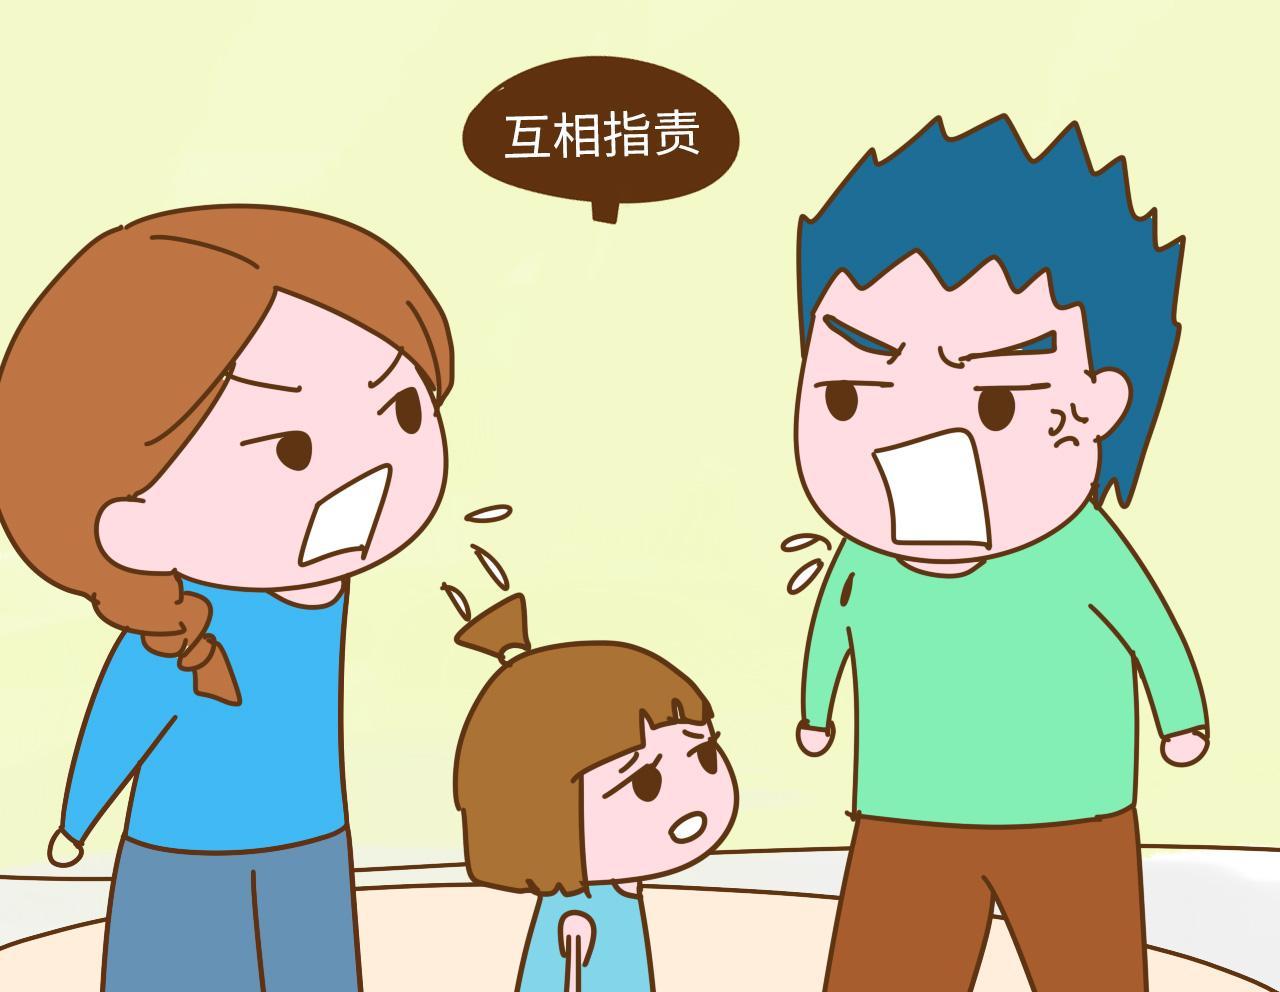 不想小孩以后有家庭阴影, 父母不要在孩子面前做这3件事